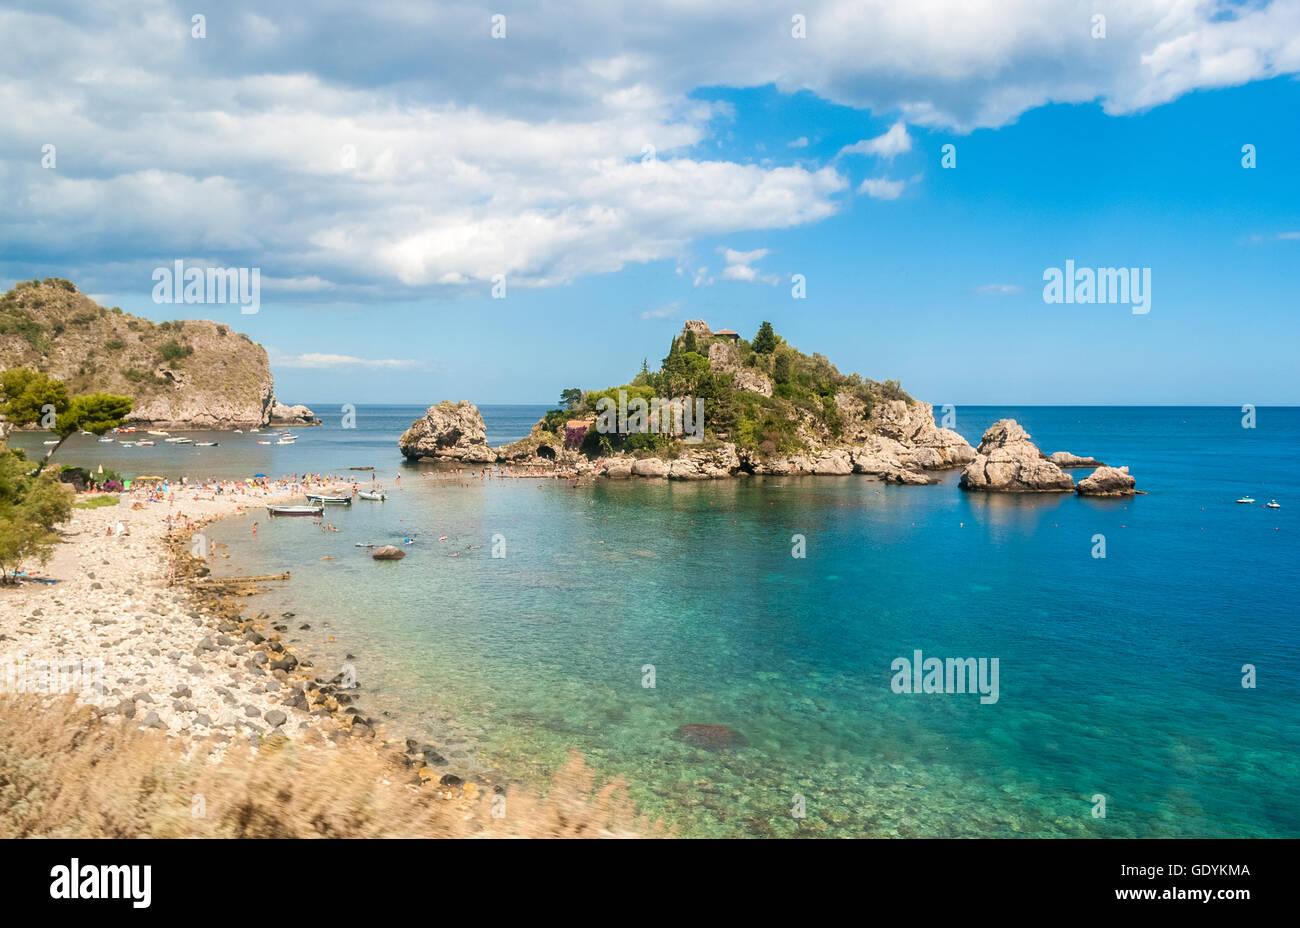 Isola Bella, in Taormina (Sizilien), im Sommer Stockbild